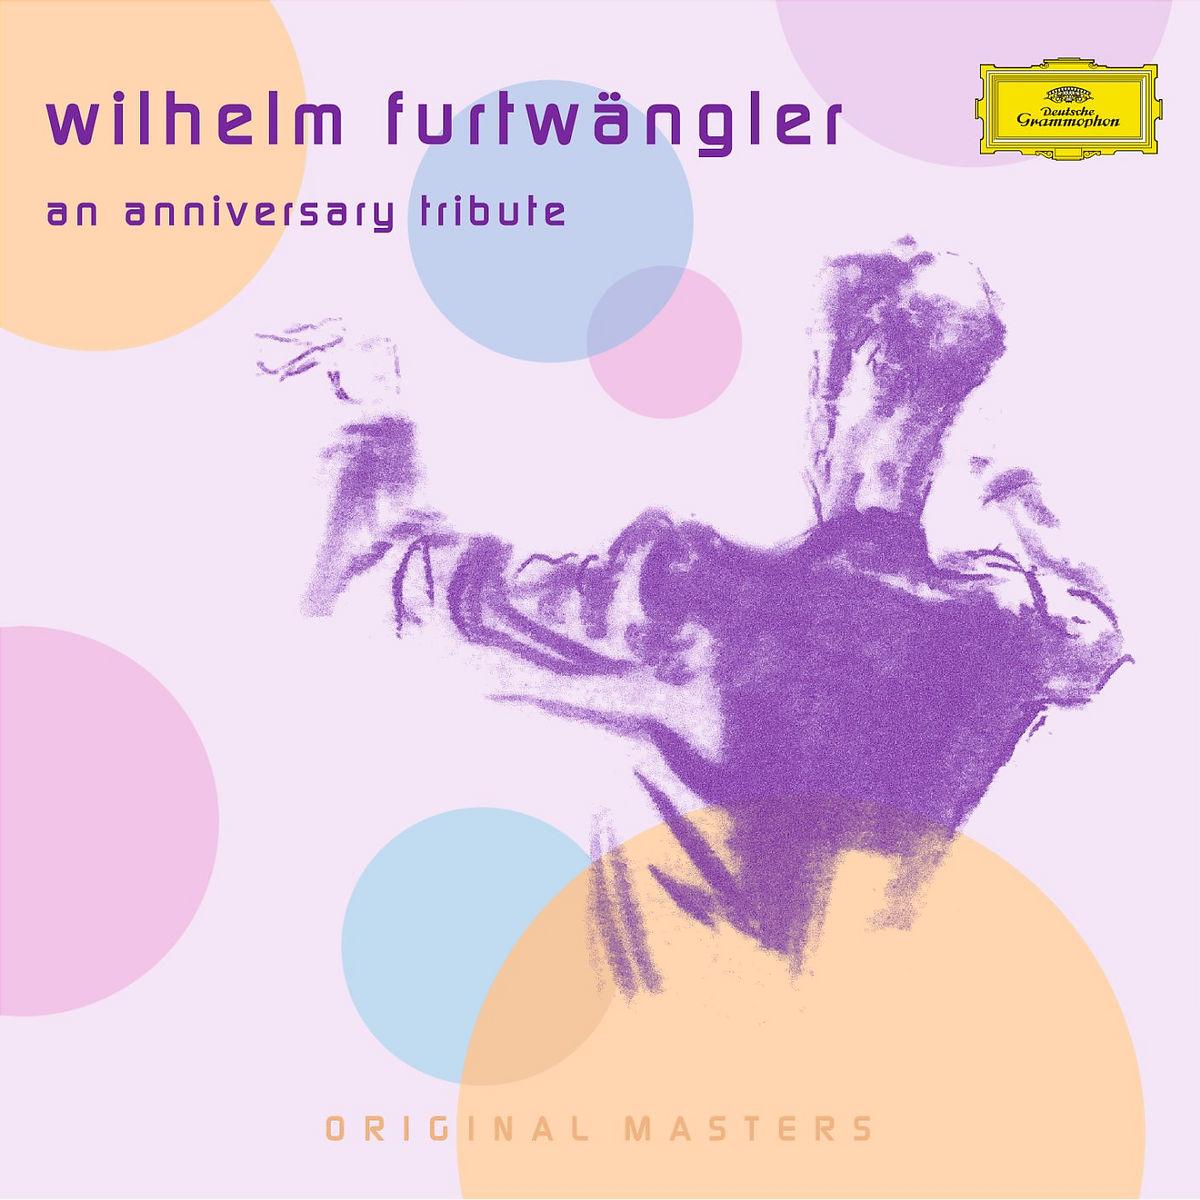 wilhelm-furtwangler-eine-jubilaumsausgabe-0028947700623.jpg